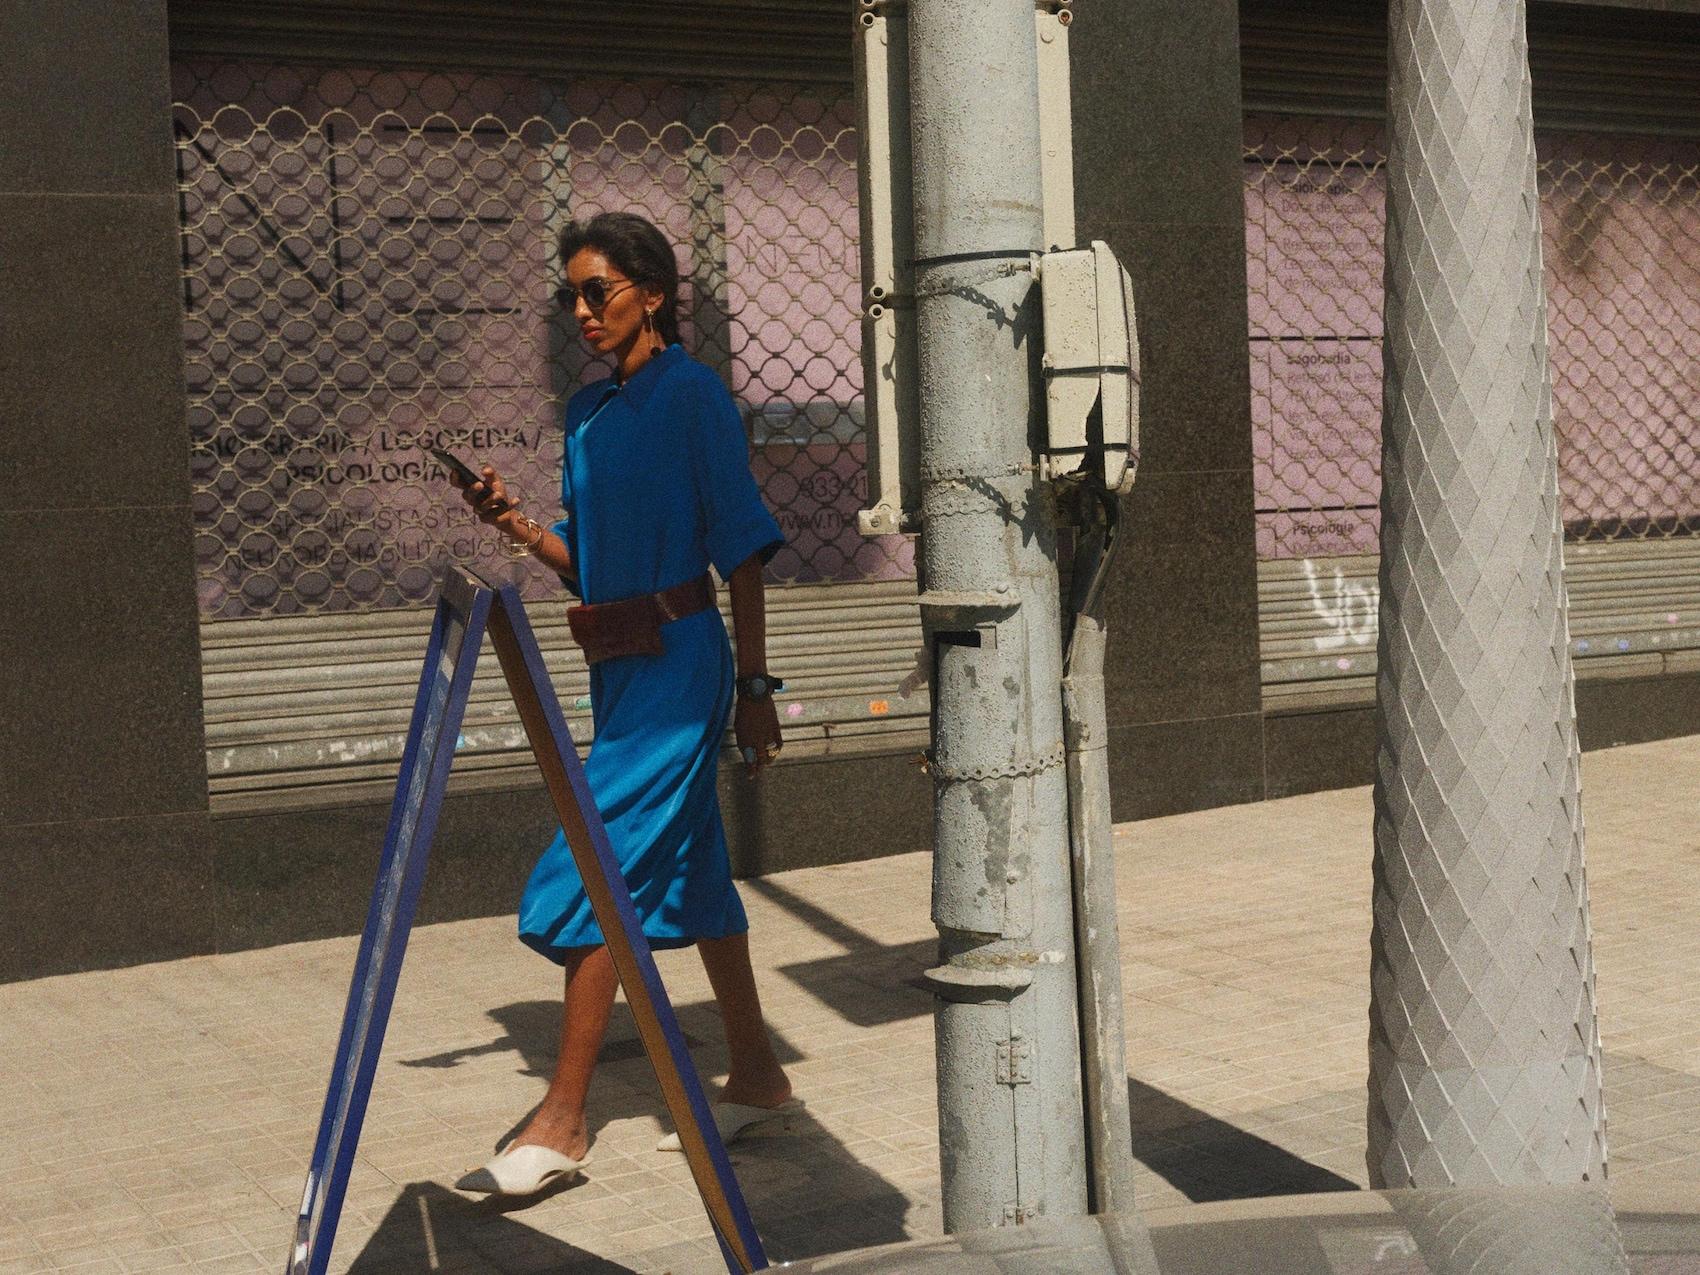 Eine Frau guckt auf ihr Mobiltelefon.